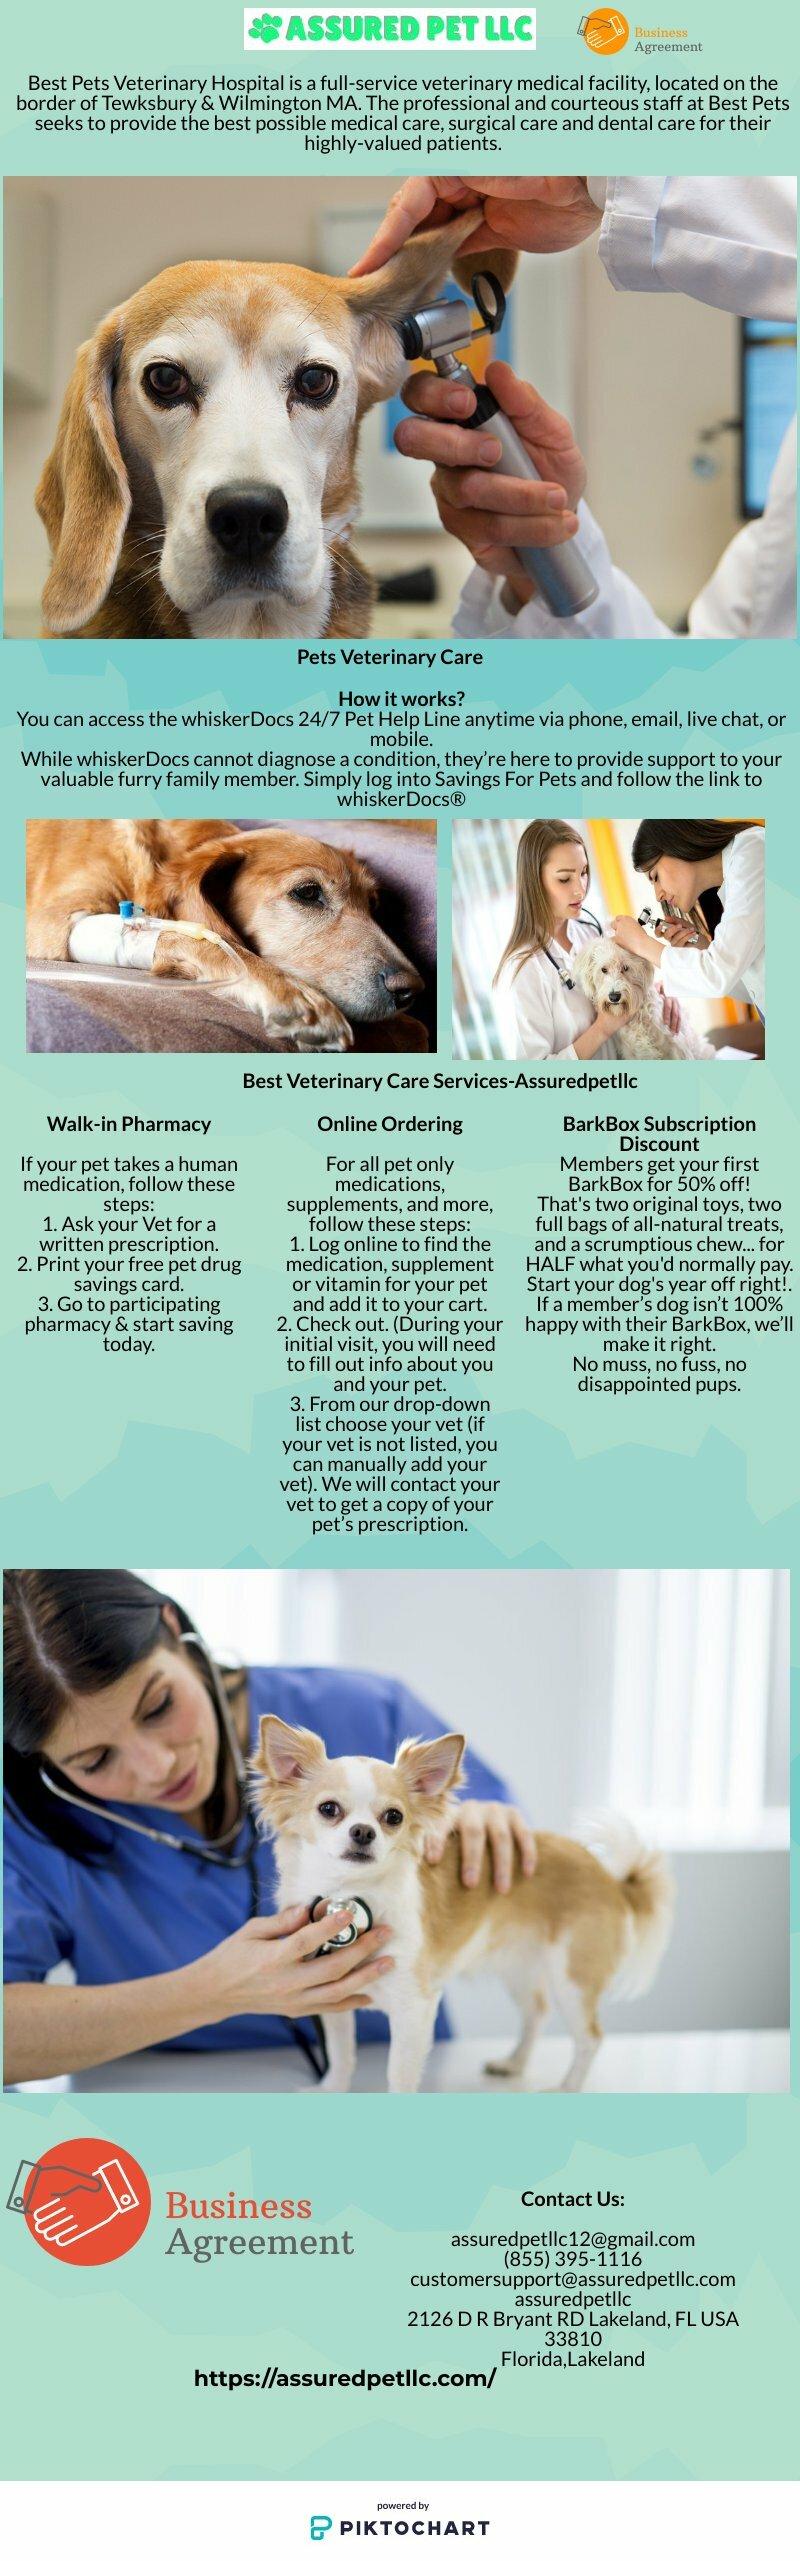 Health Savings Plan For Pets